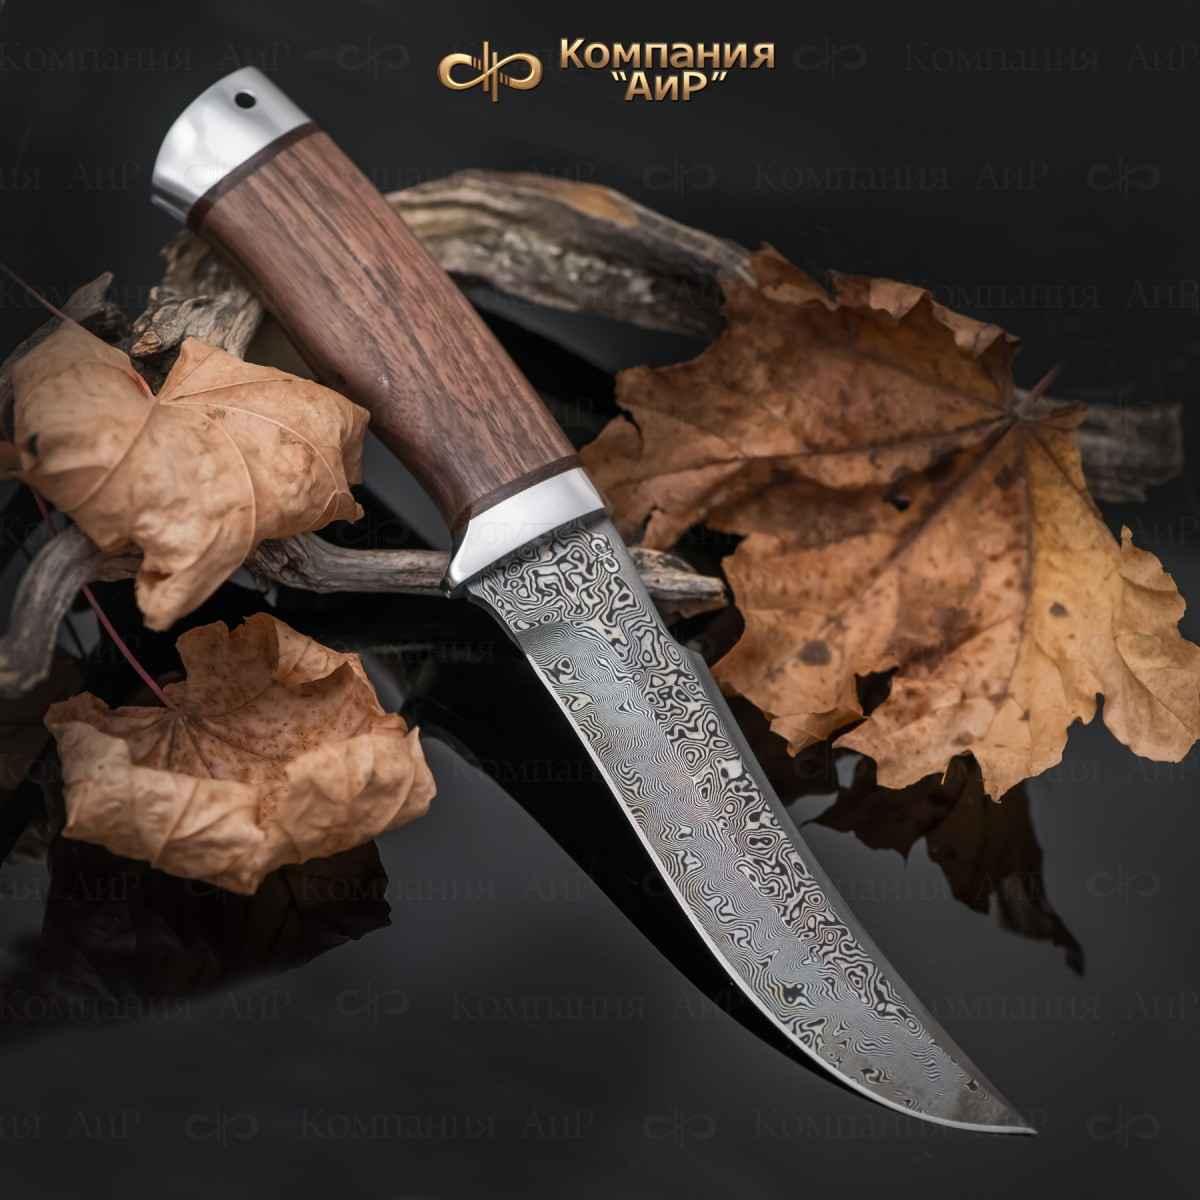 Фото - Нож АиР Клык, сталь ZDI 1016, рукоять дерево, алюминий нож аир клык сталь zdi 1016 рукоять дерево алюминий